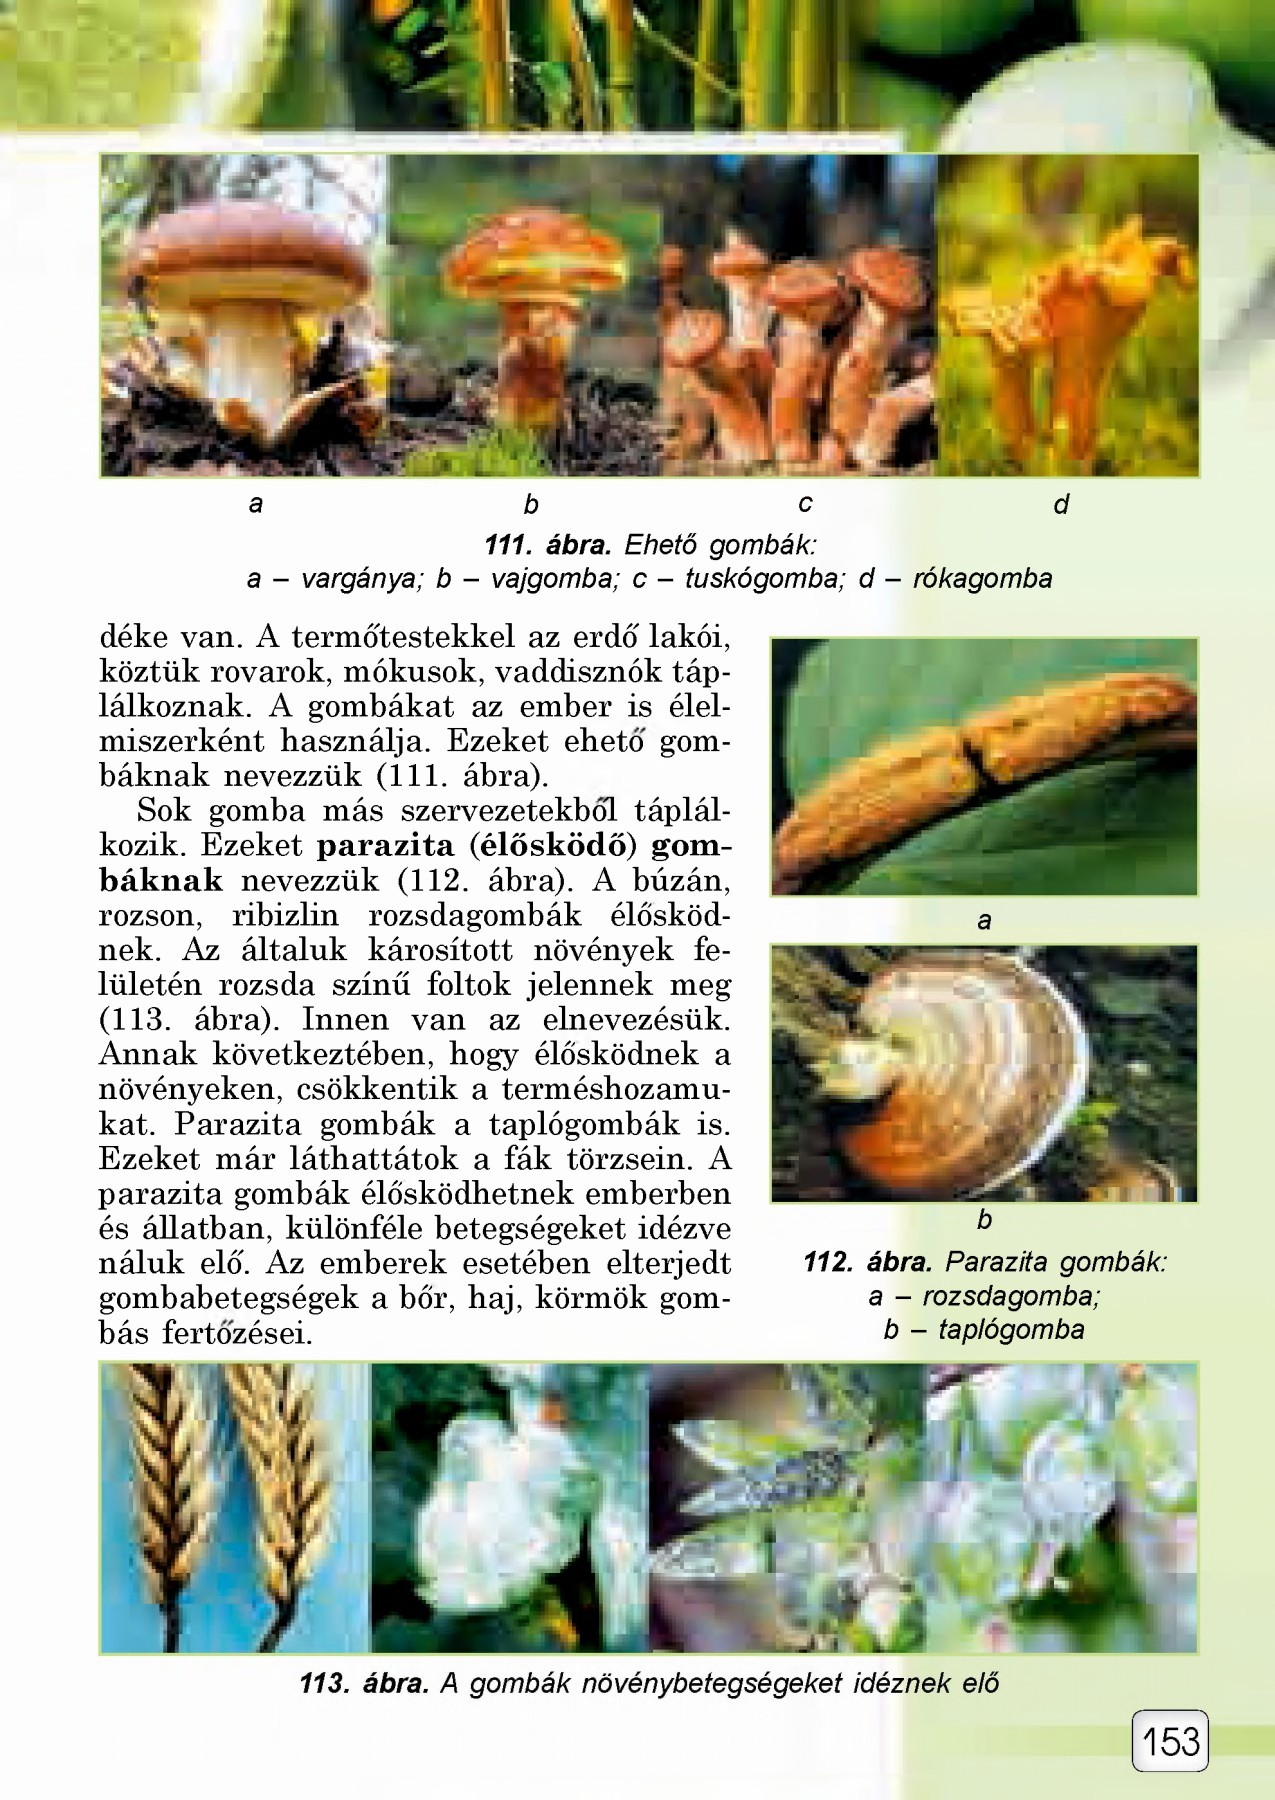 kagyló paraziták)